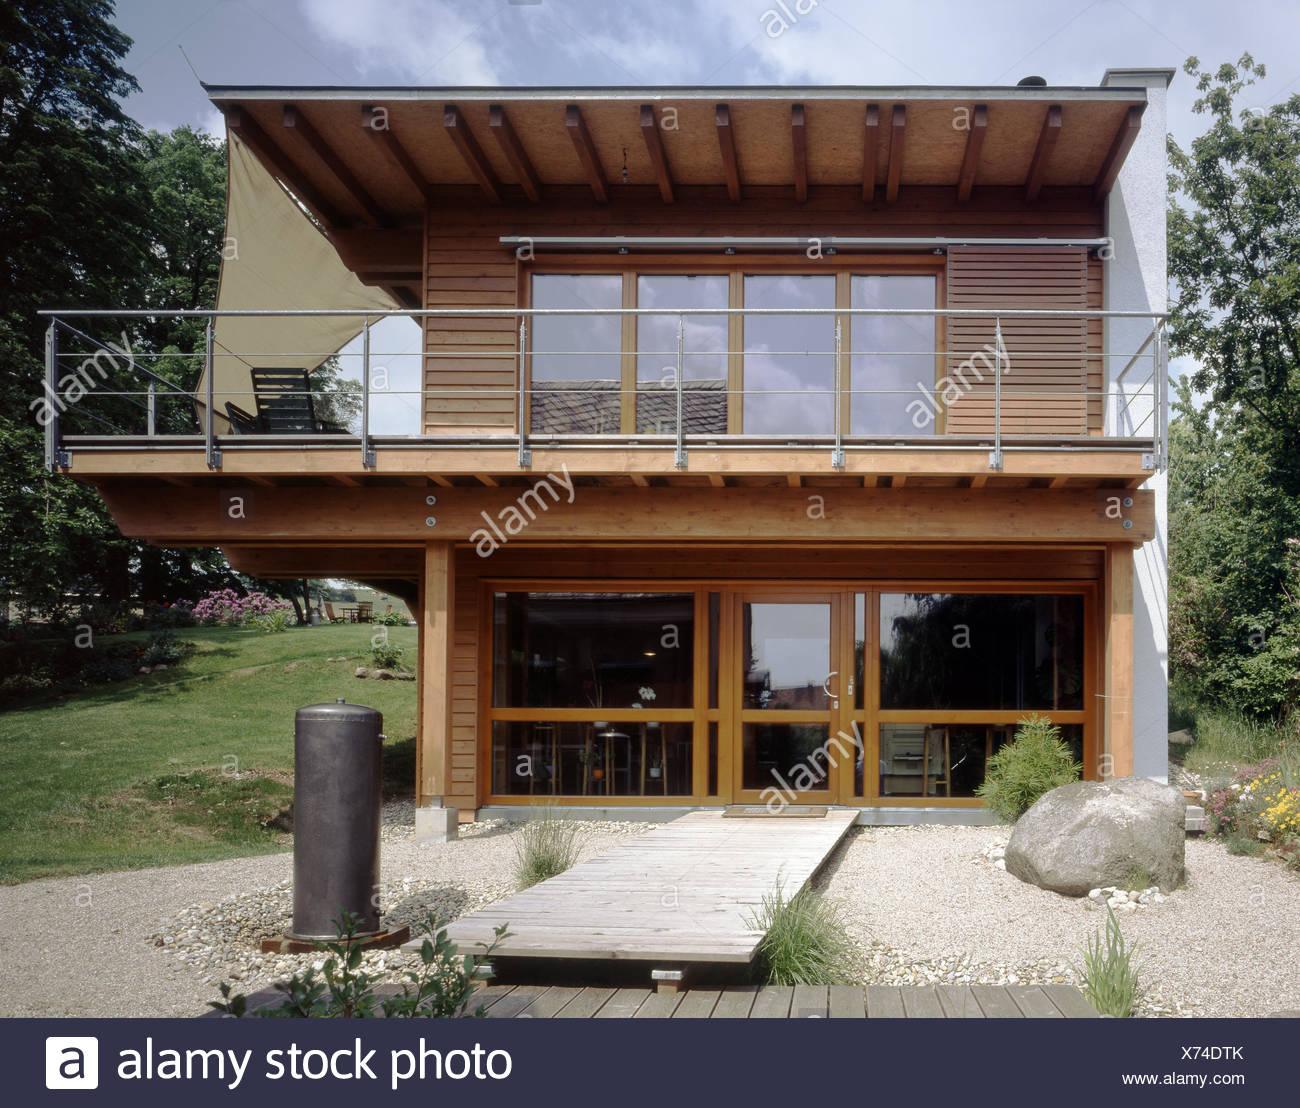 Etwas Neues genug Wohnhaus, außerhalb, Flachdach, Balkon, Steingarten @QV_66